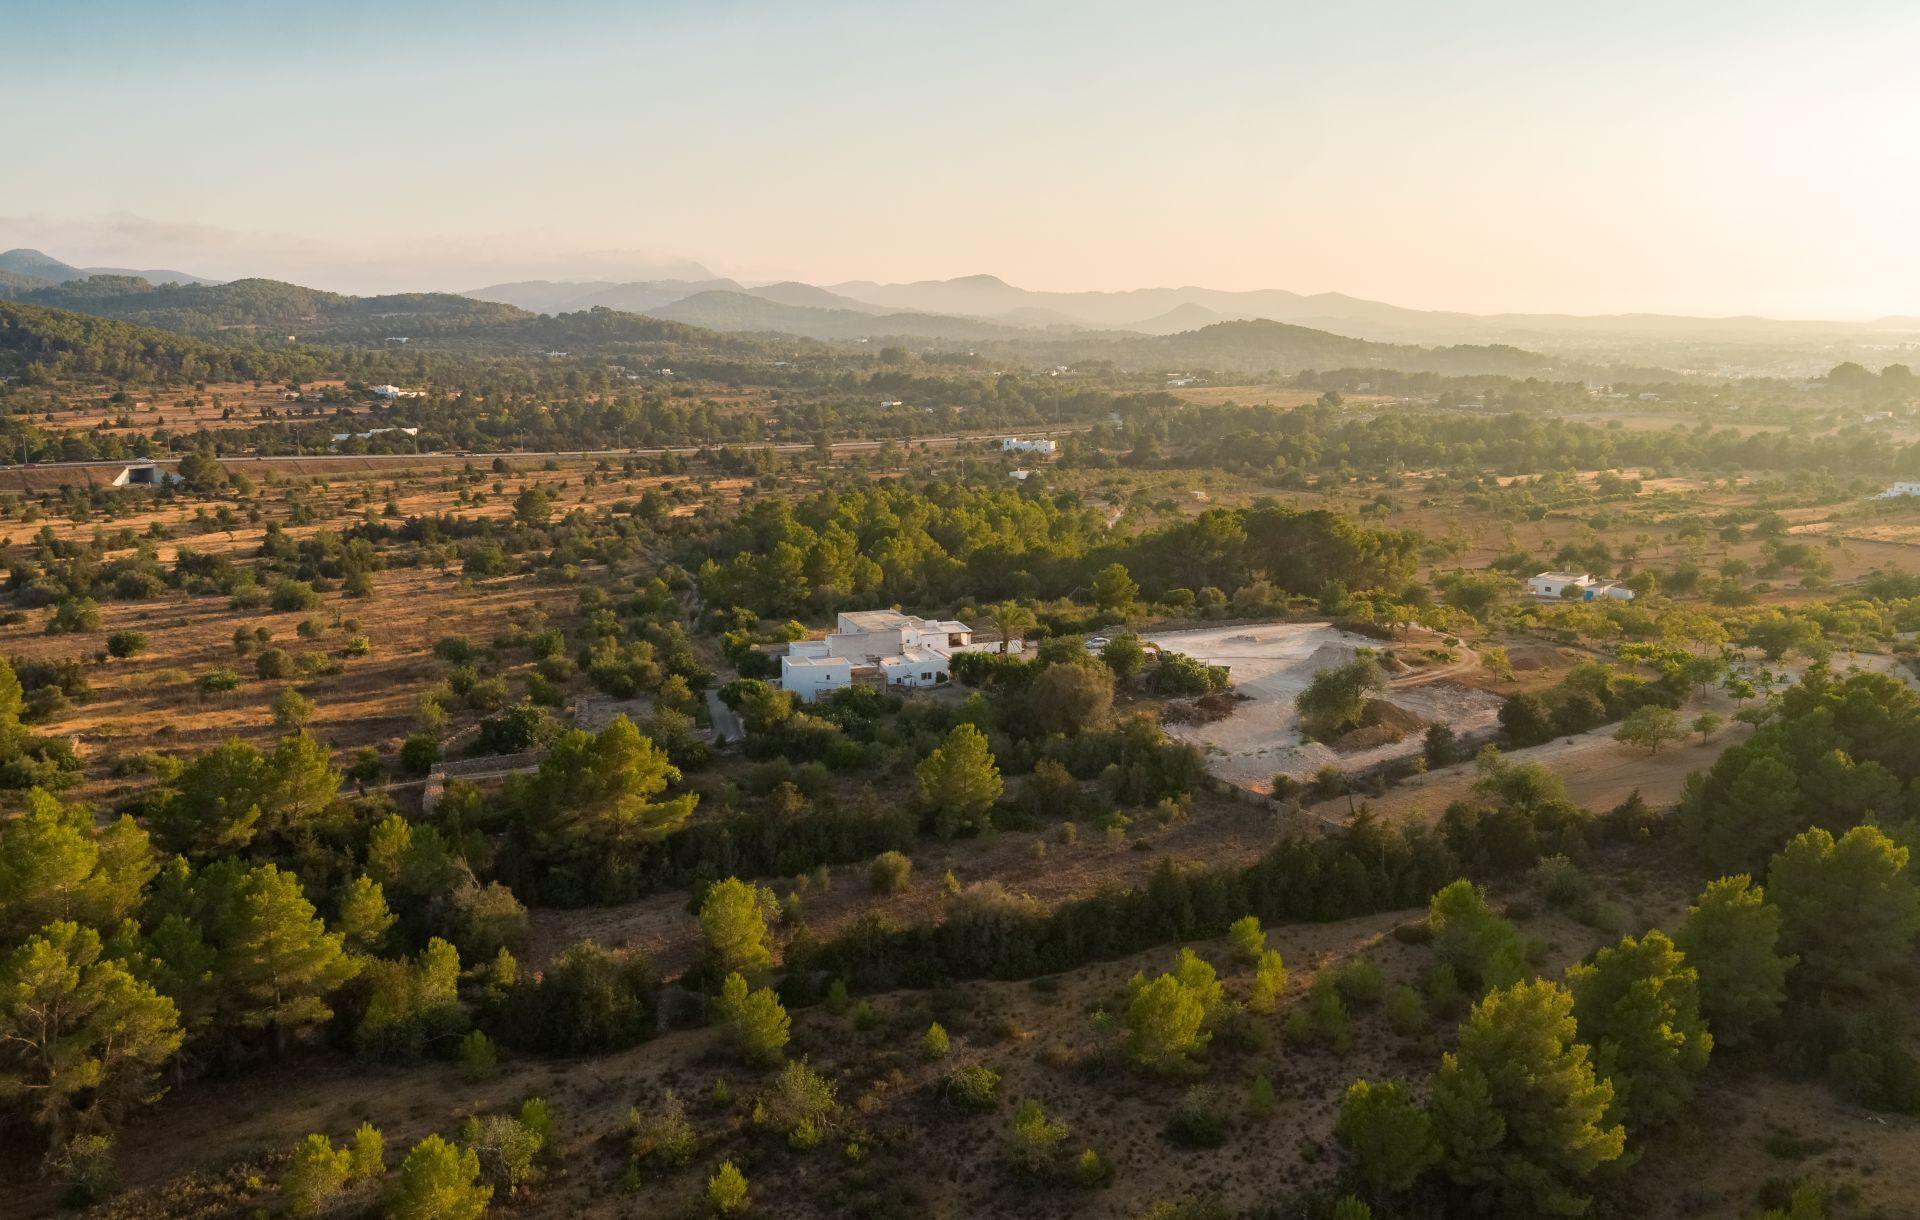 Casa de campo en Ibiza al atardecer